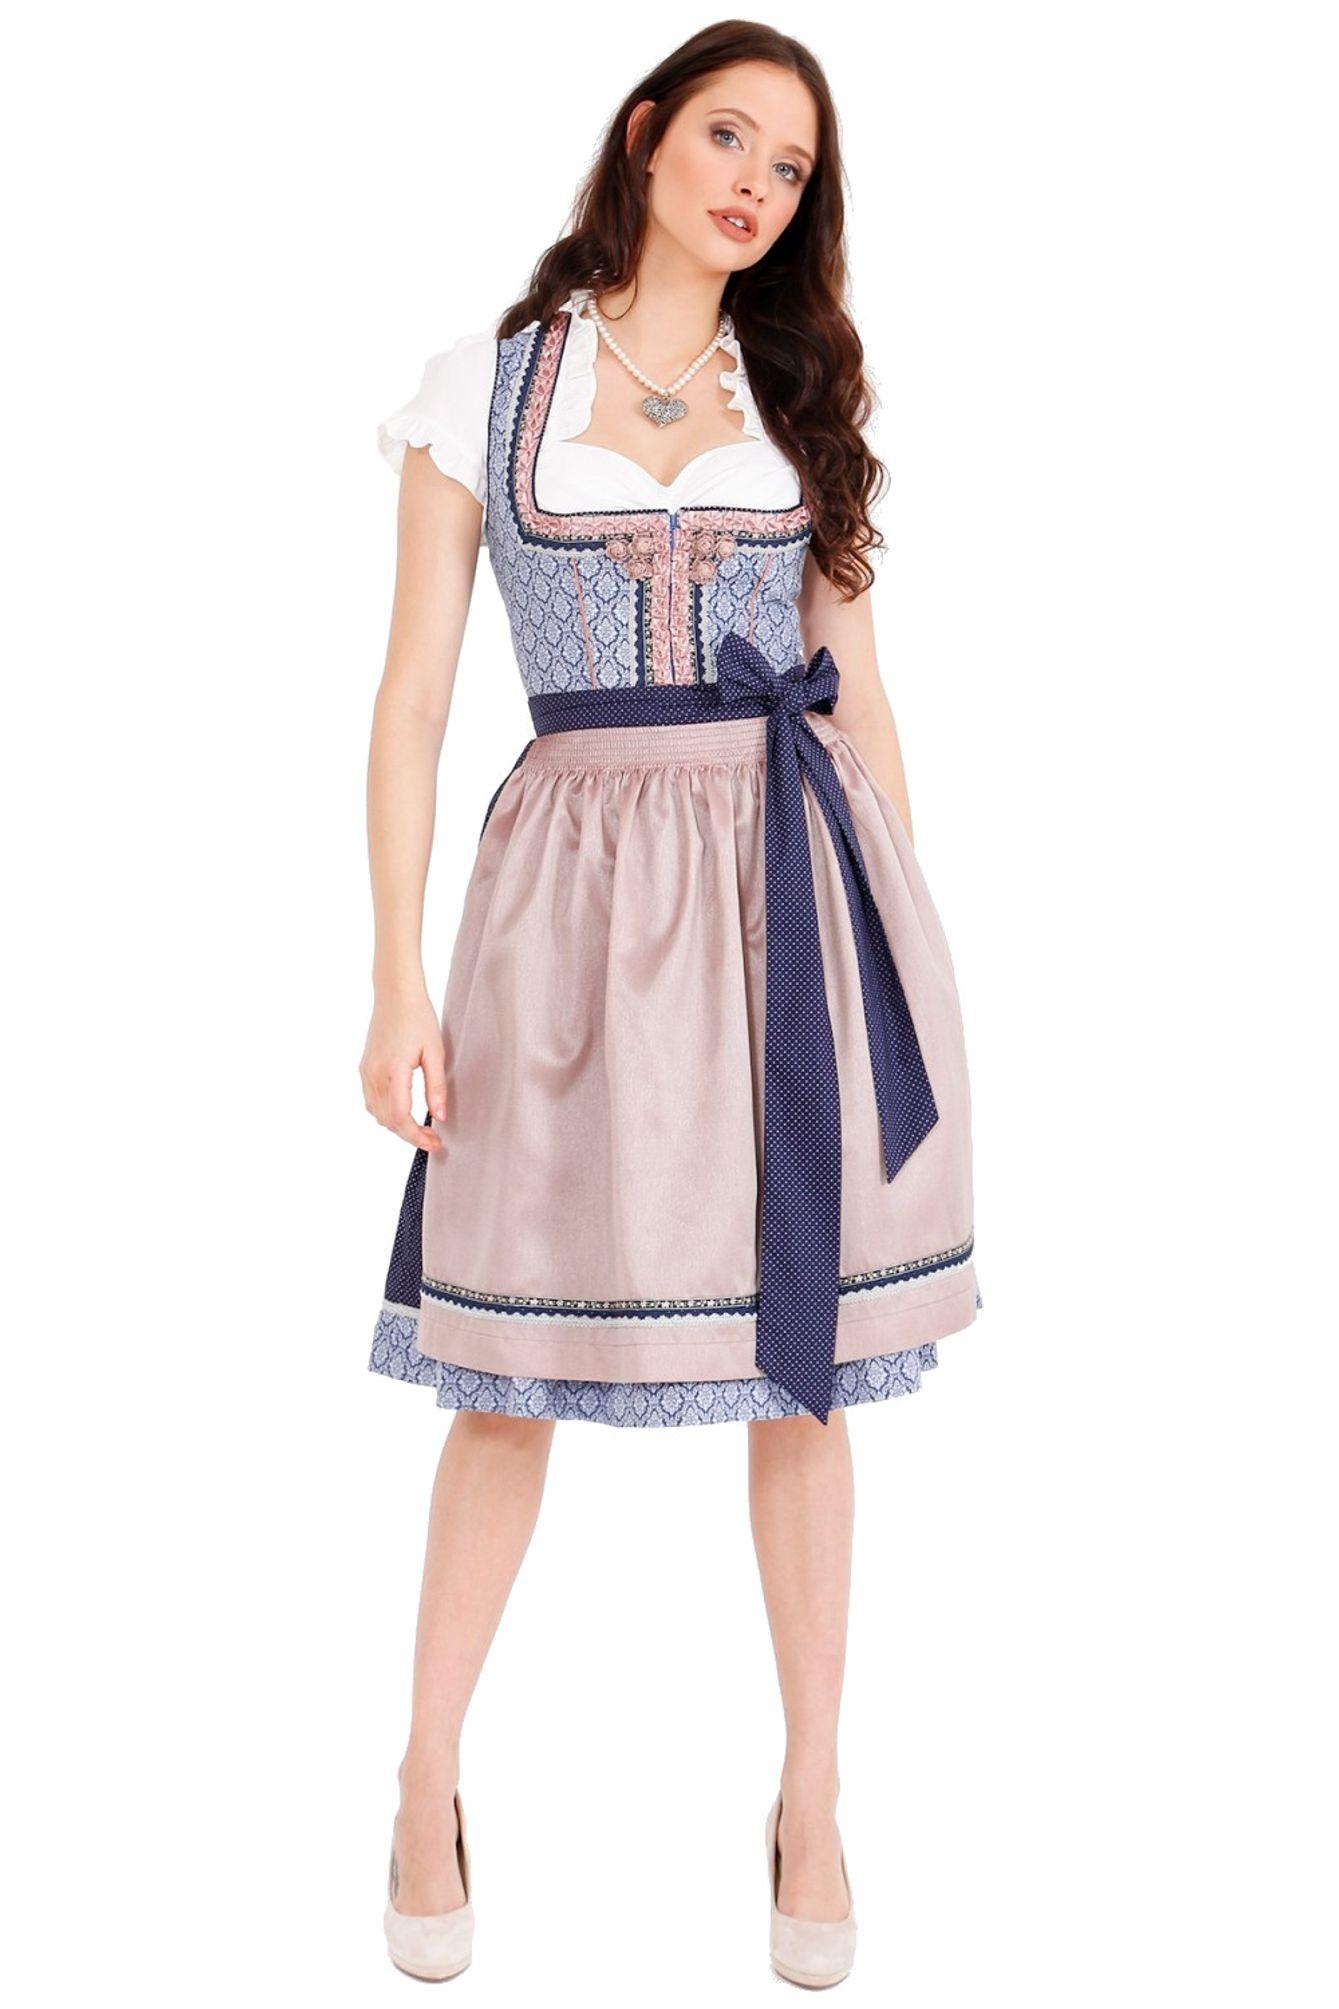 Damen Trachten Dirndl 60cm Artikelnummer: 45516-8 Sophora in blau Krüger